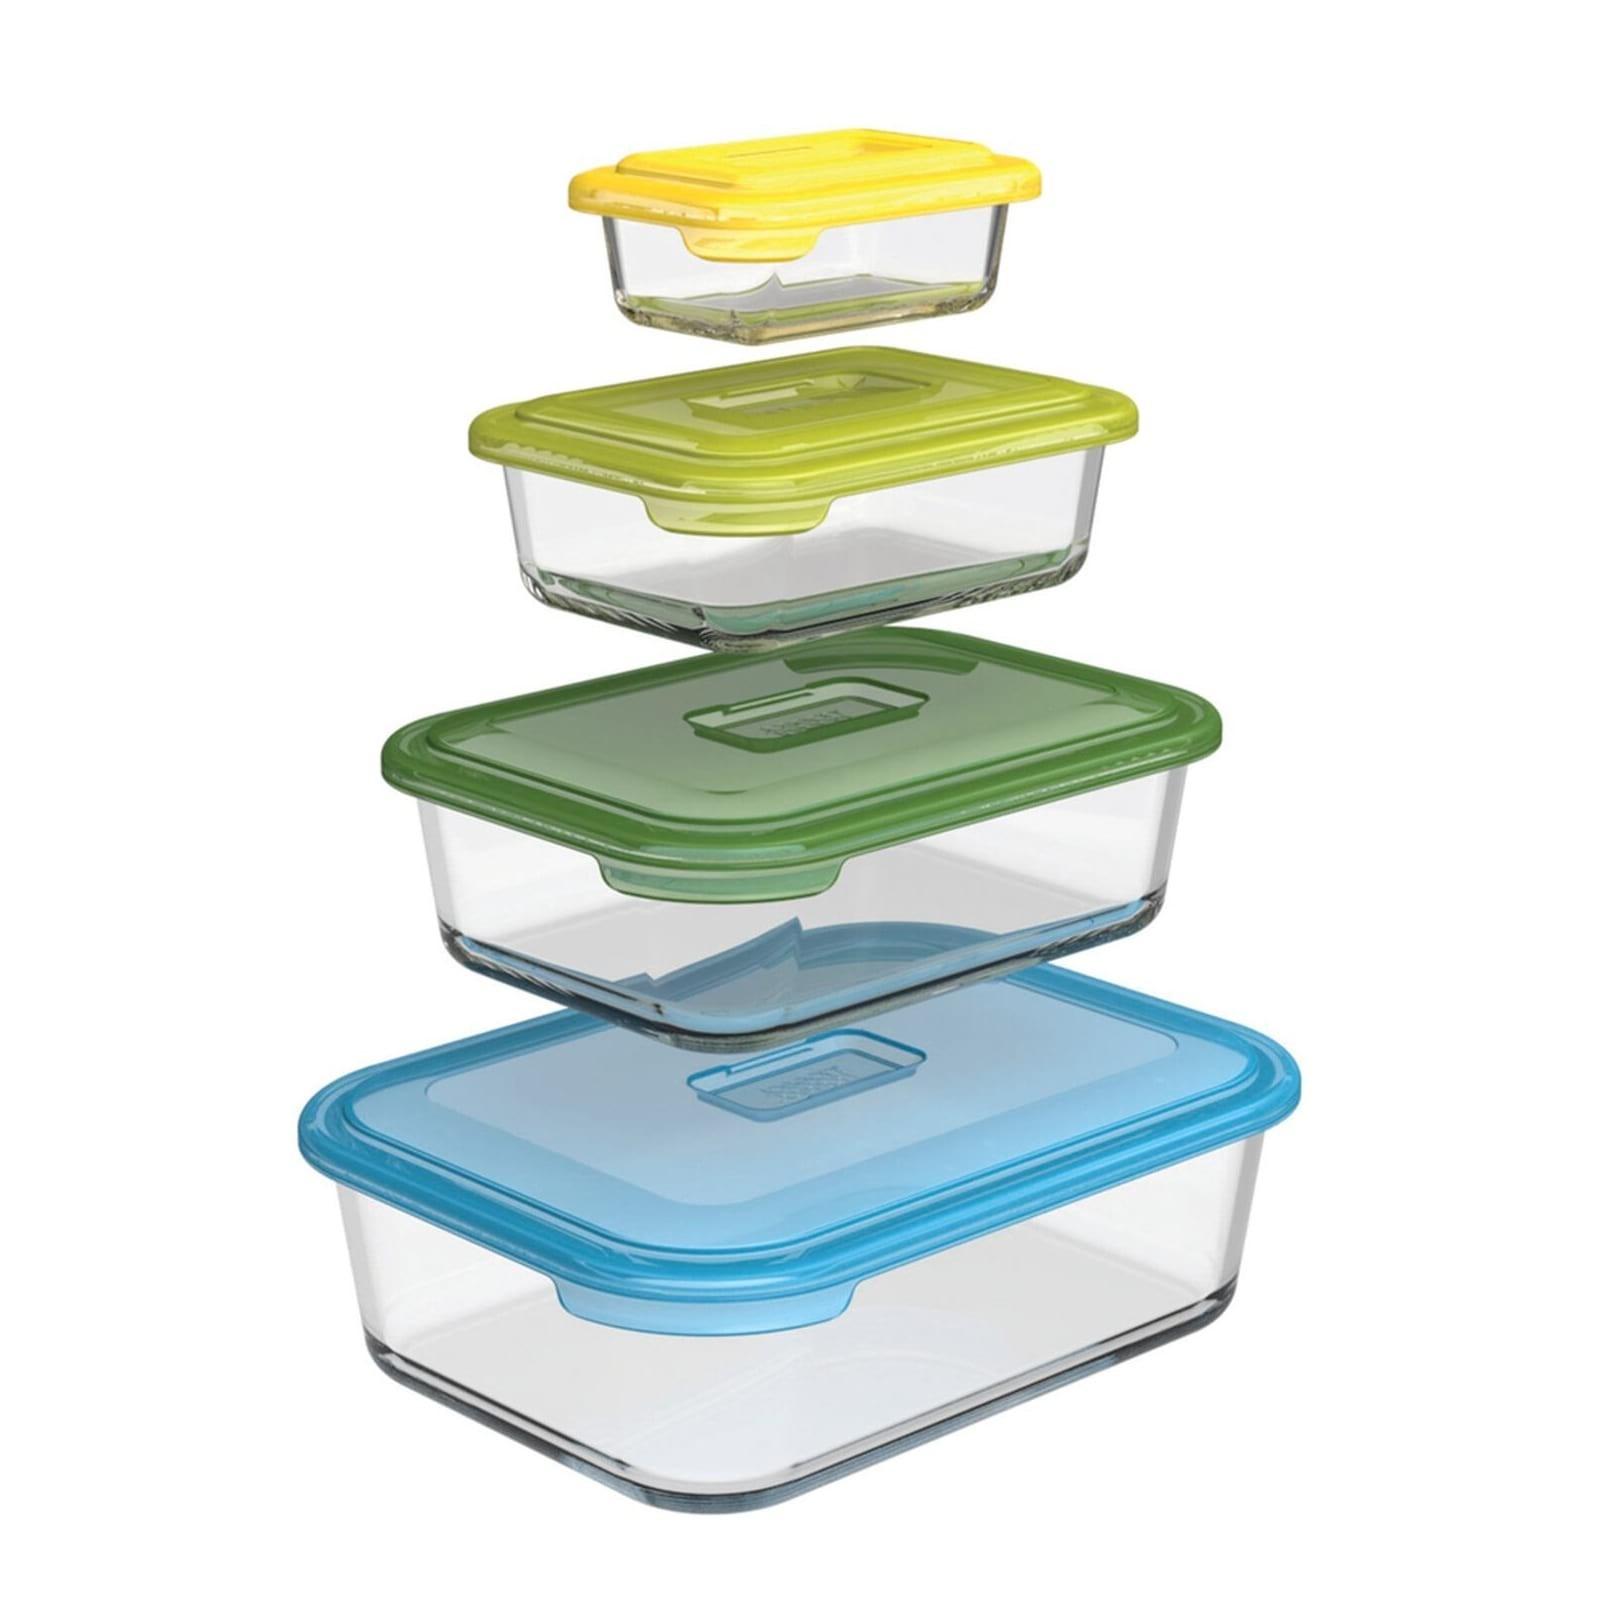 Γυάλινα Δοχεία Φαγητού Nest™ Glass (Σετ των 4) - Joseph Joseph